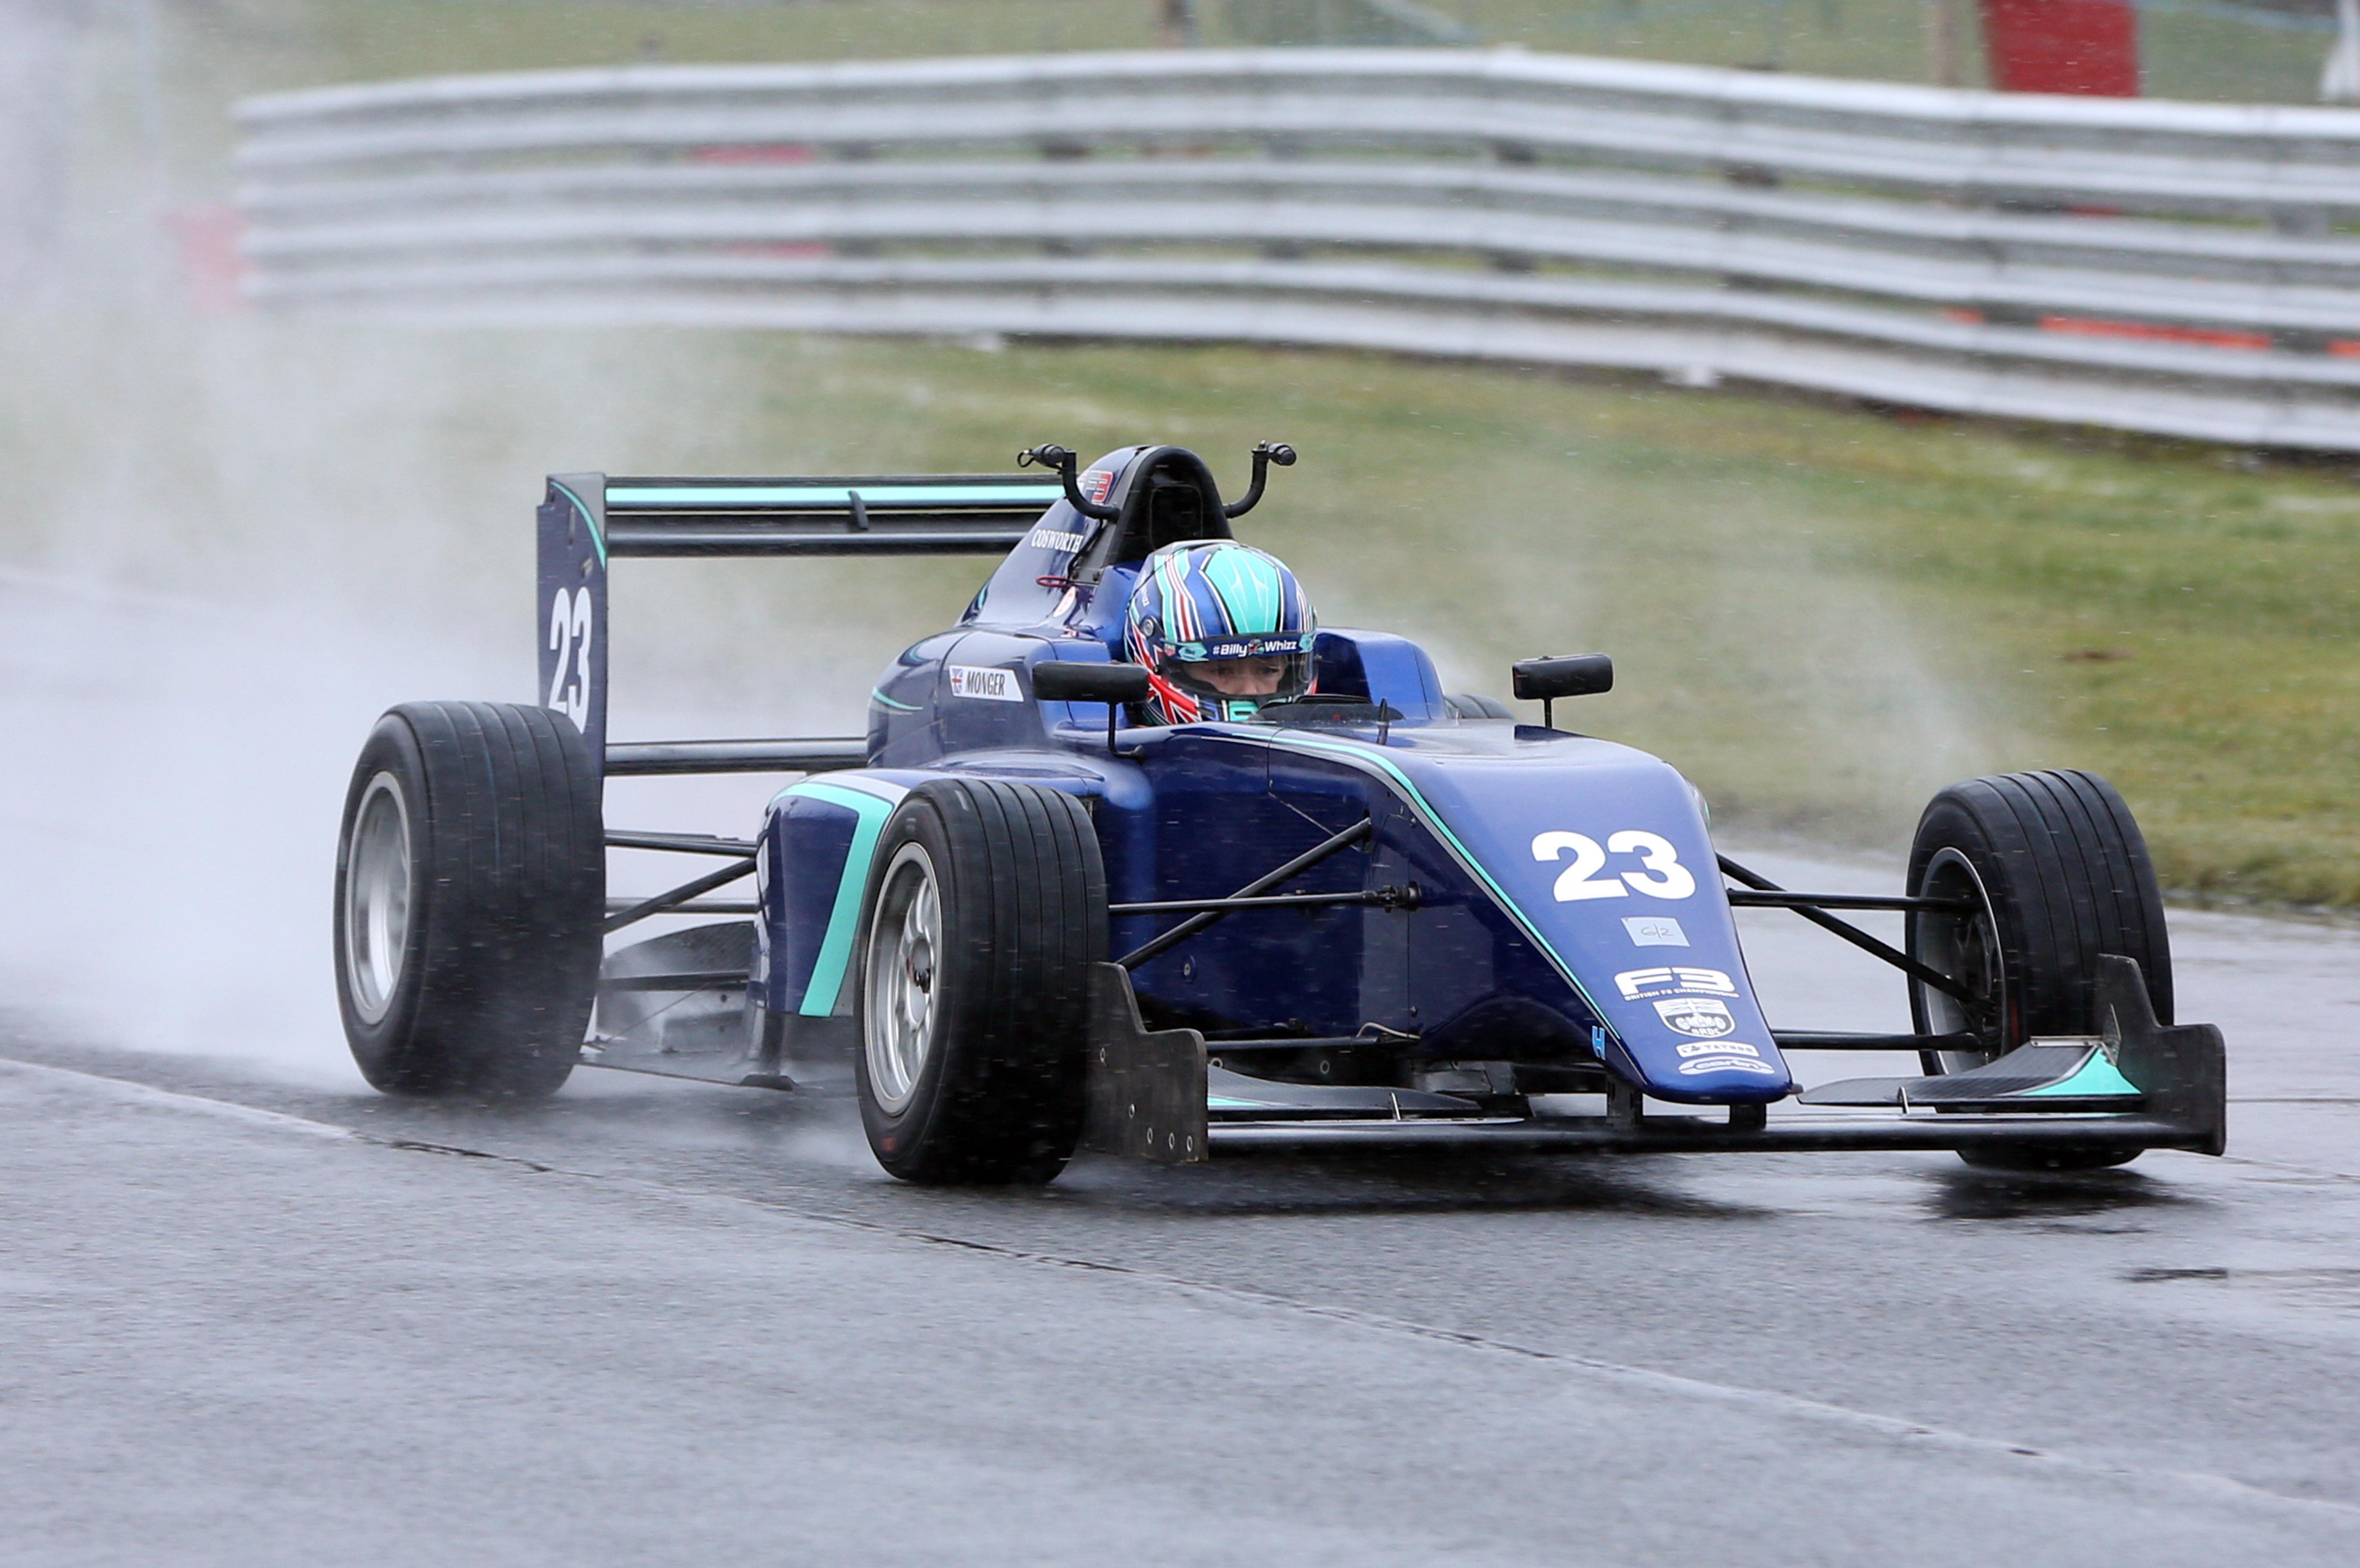 Billy Monger tests a Carlin-run MSV Formula 3 car at Oulton Park